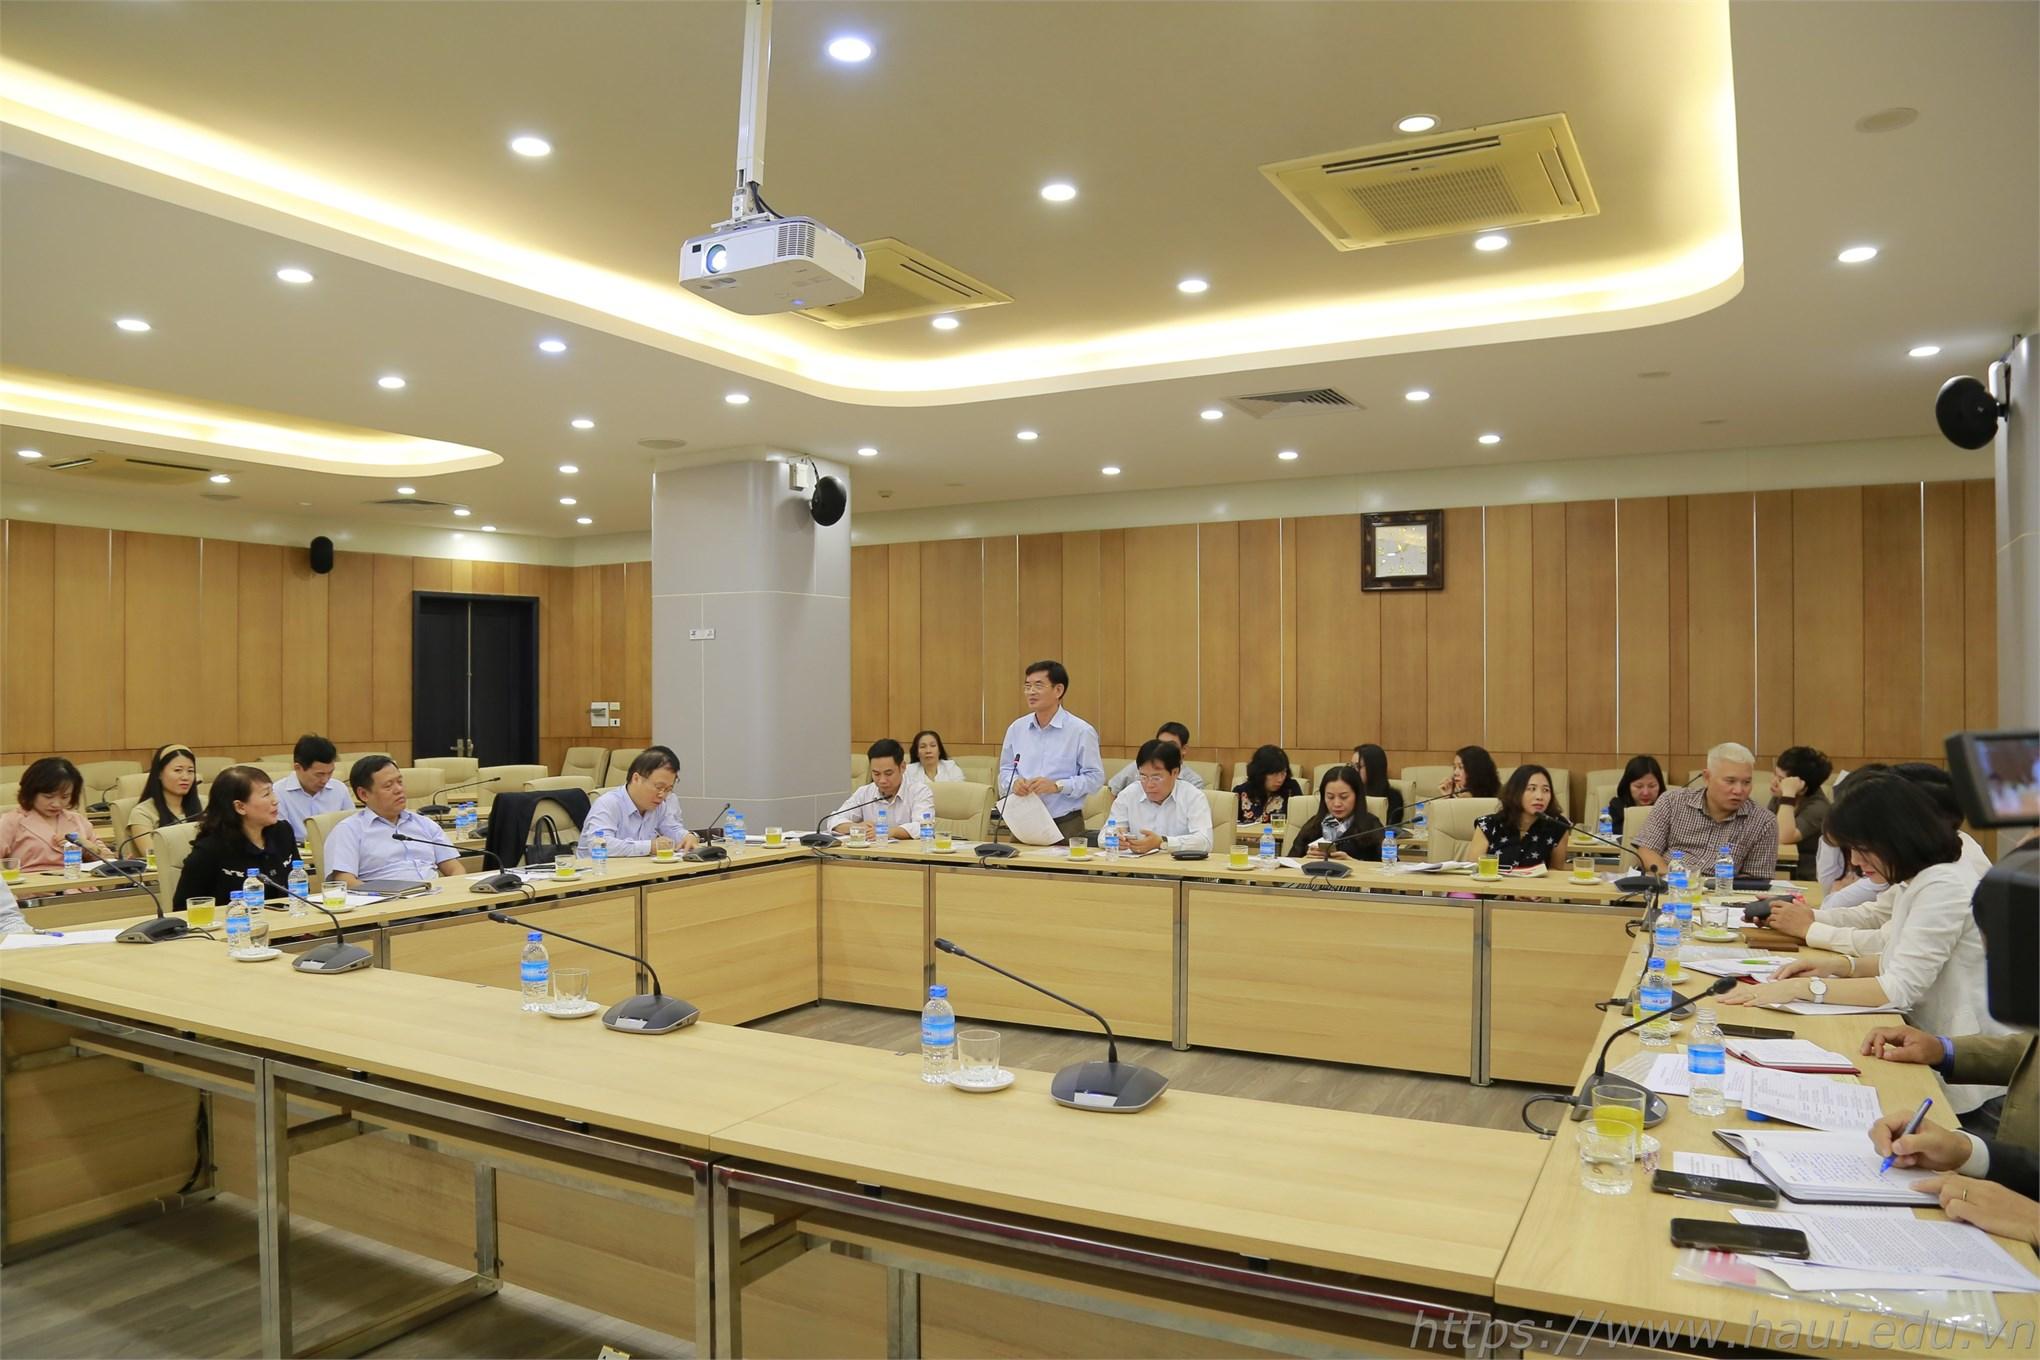 Kiểm tra công tác thi đua khen thưởng tại trường Đại học Công nghiệp Hà Nội